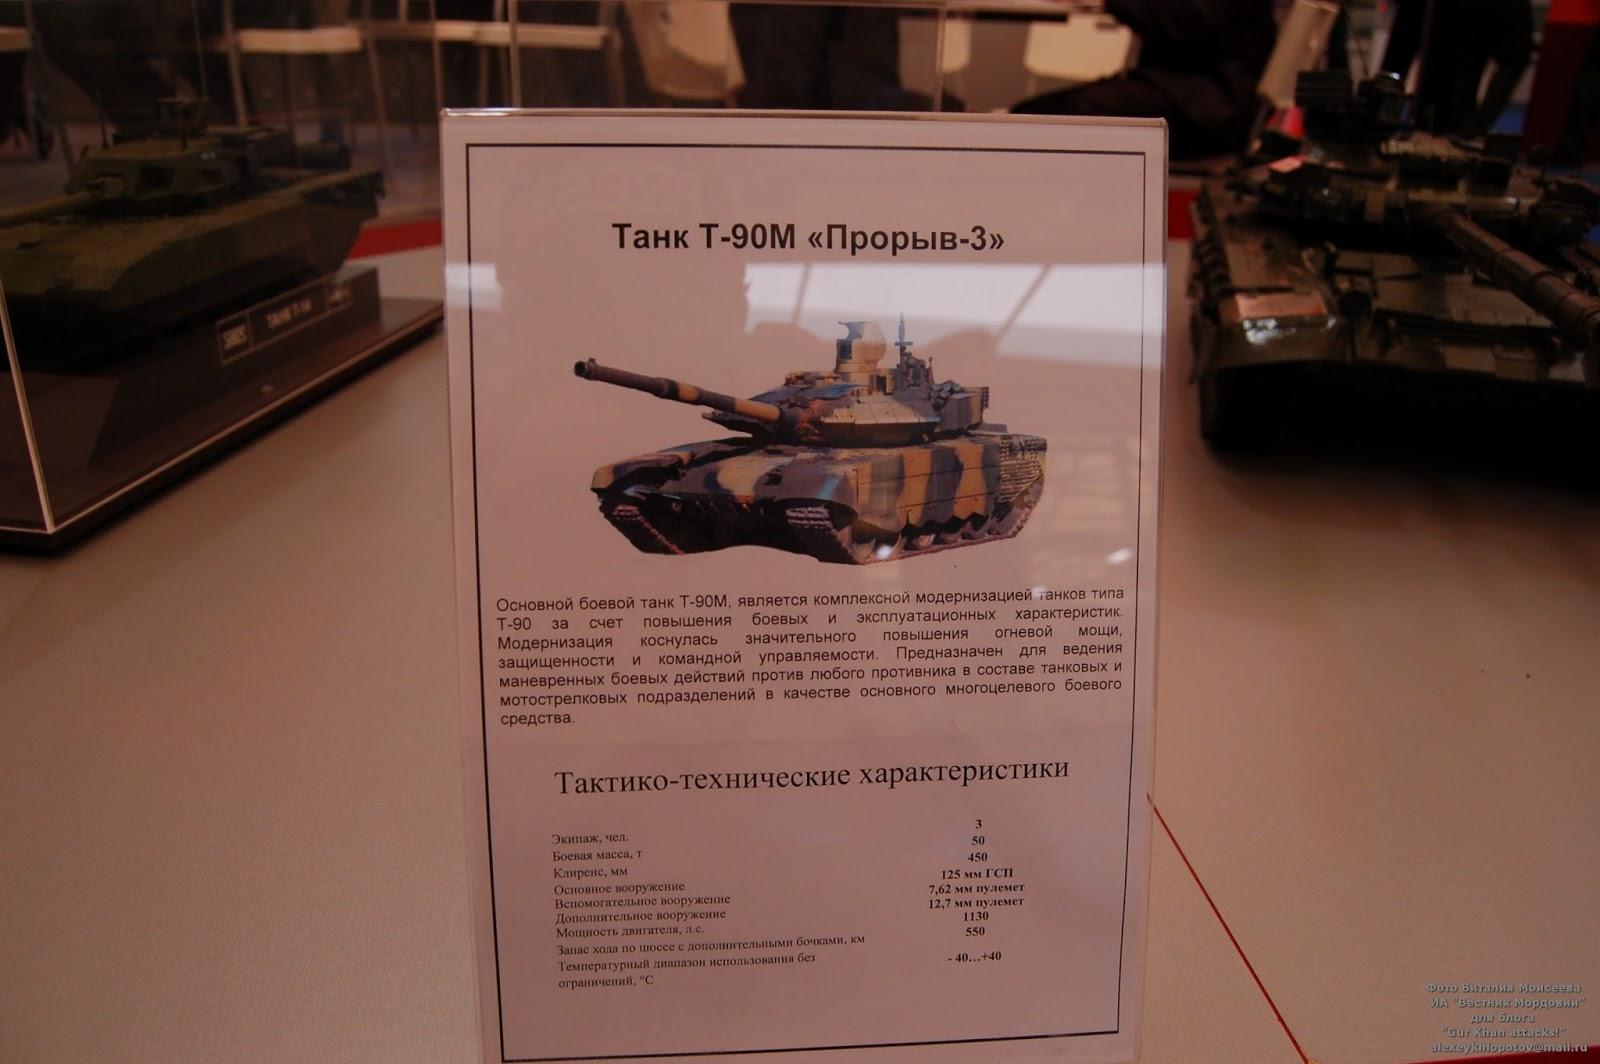 2015 - الجزائر تستلم حزمة ثالثة  من  [ دبابات T-90  ]   - صفحة 3 DSC_0725